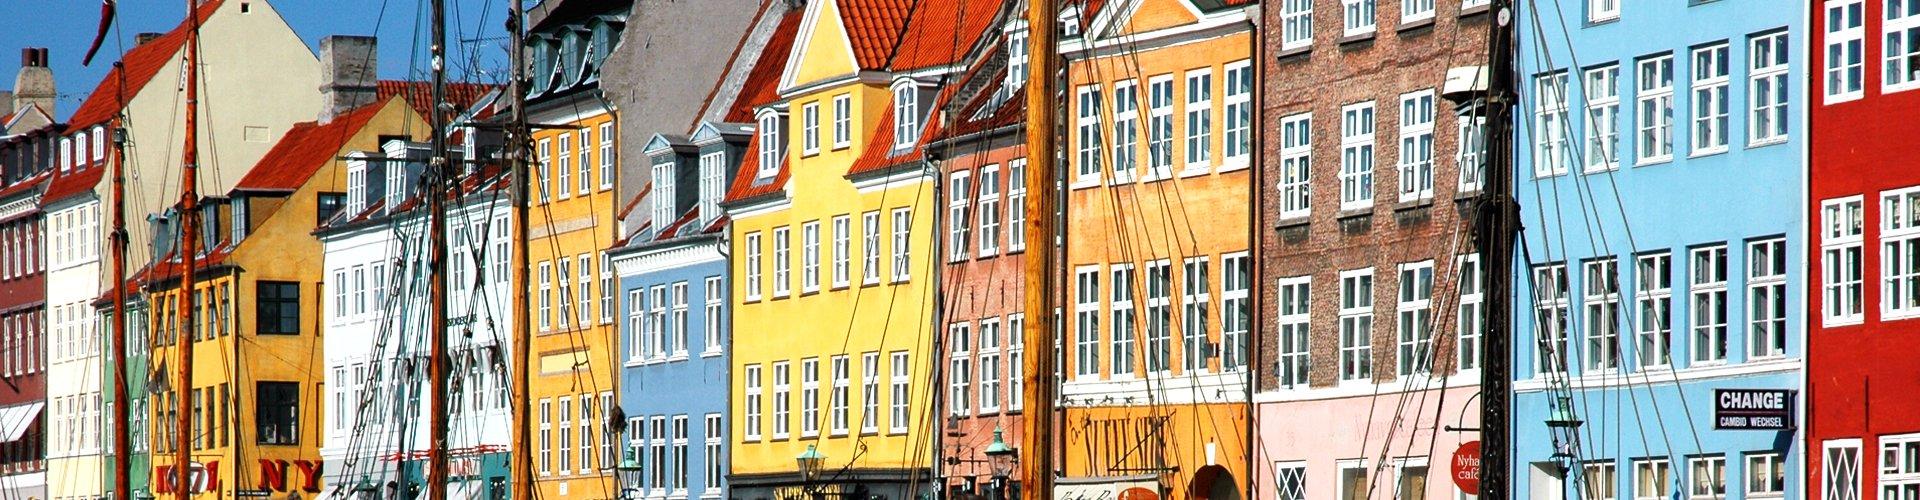 Nyhavn in Kopenhagen, Denemarken